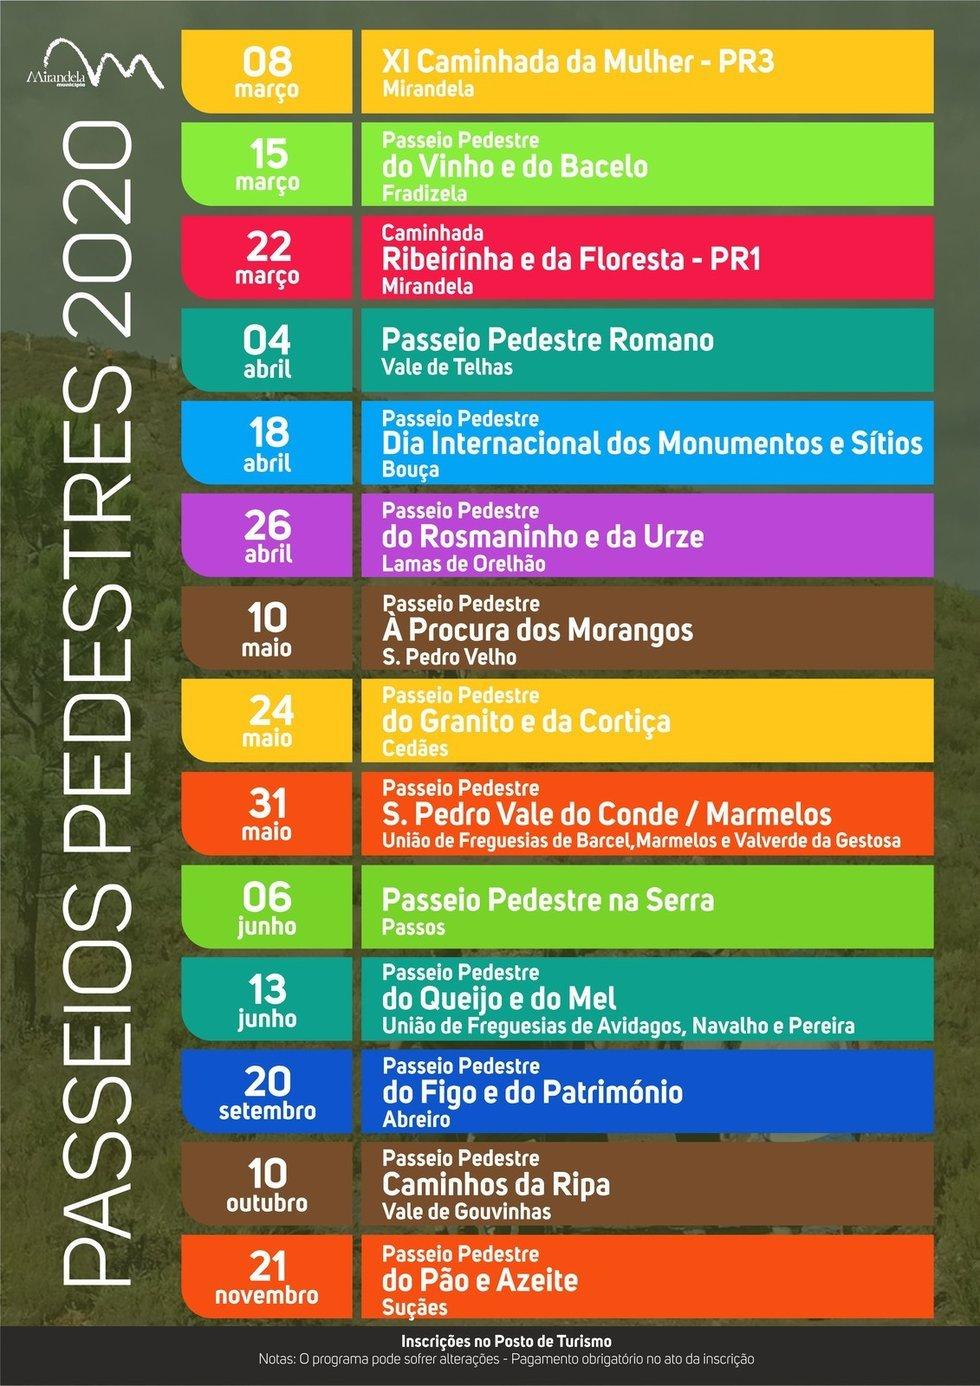 Calendário de Percursos Pedestres 2020